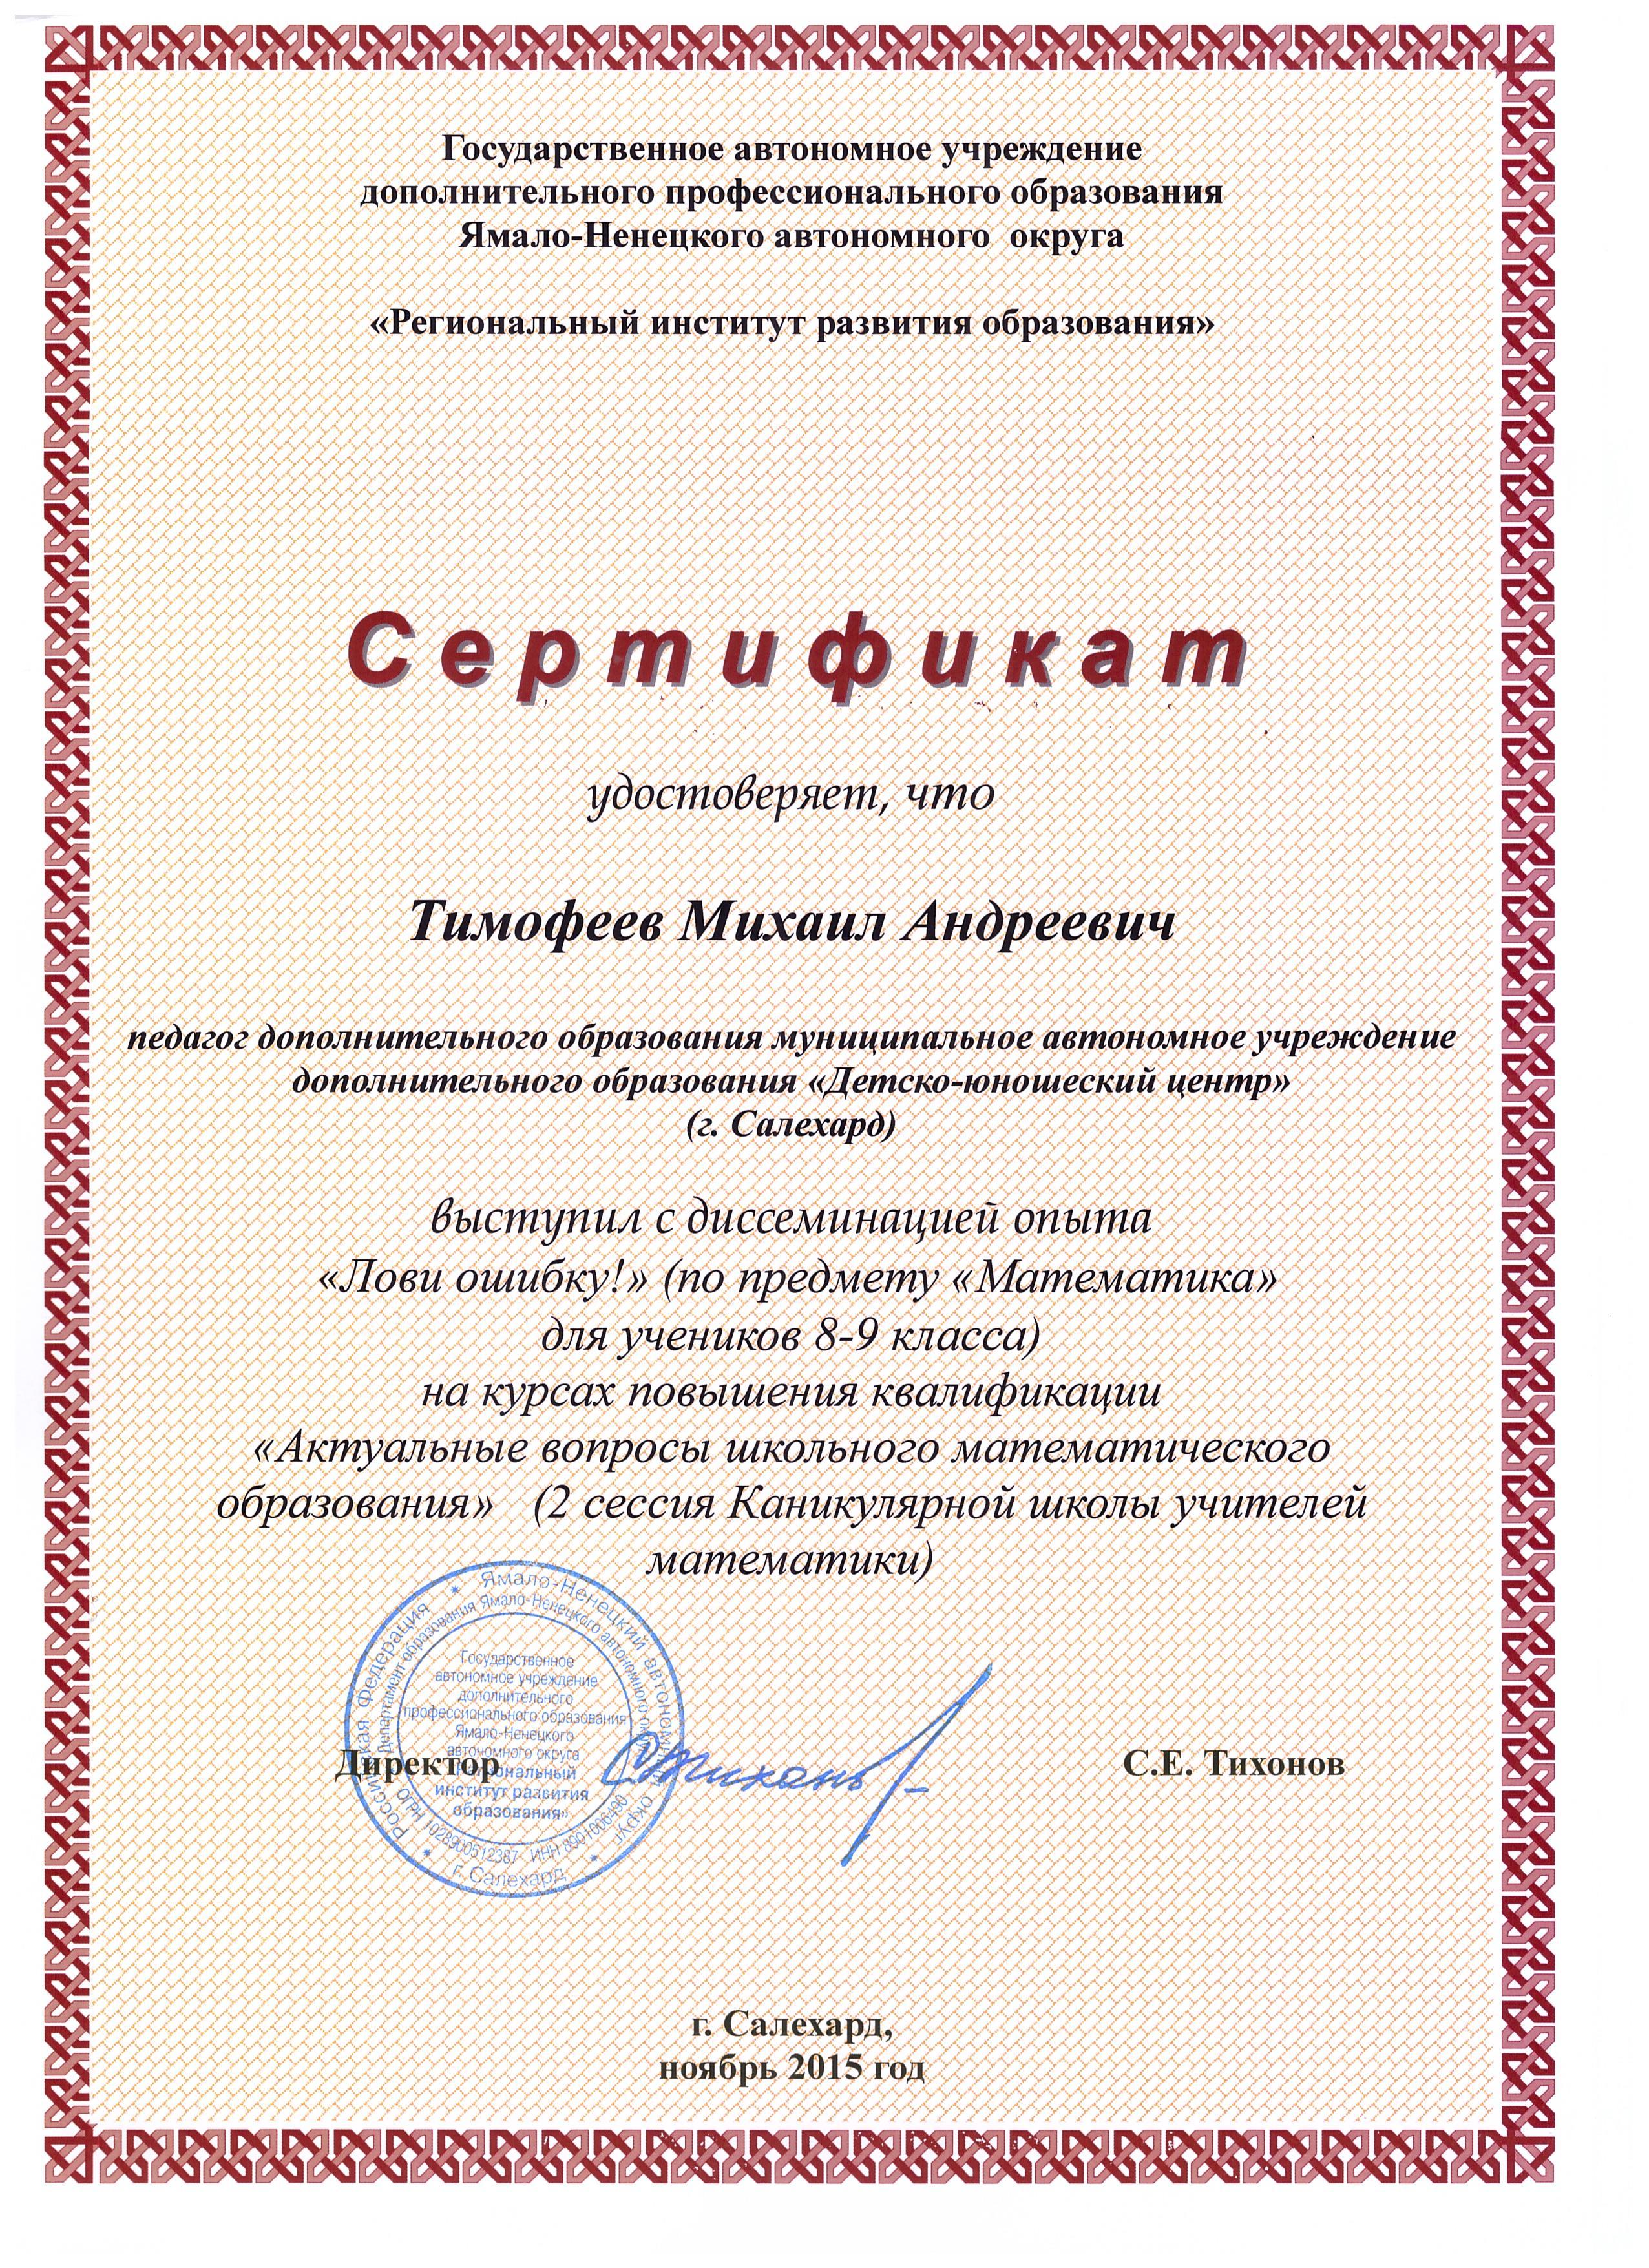 \\Server\общие файлы\ВСЕ ДЛЯ КАССИС\Дипломы\2015-2016 учебный год\новые дипломы 2015-2016 уч.г\Тимофеев\002.jpg